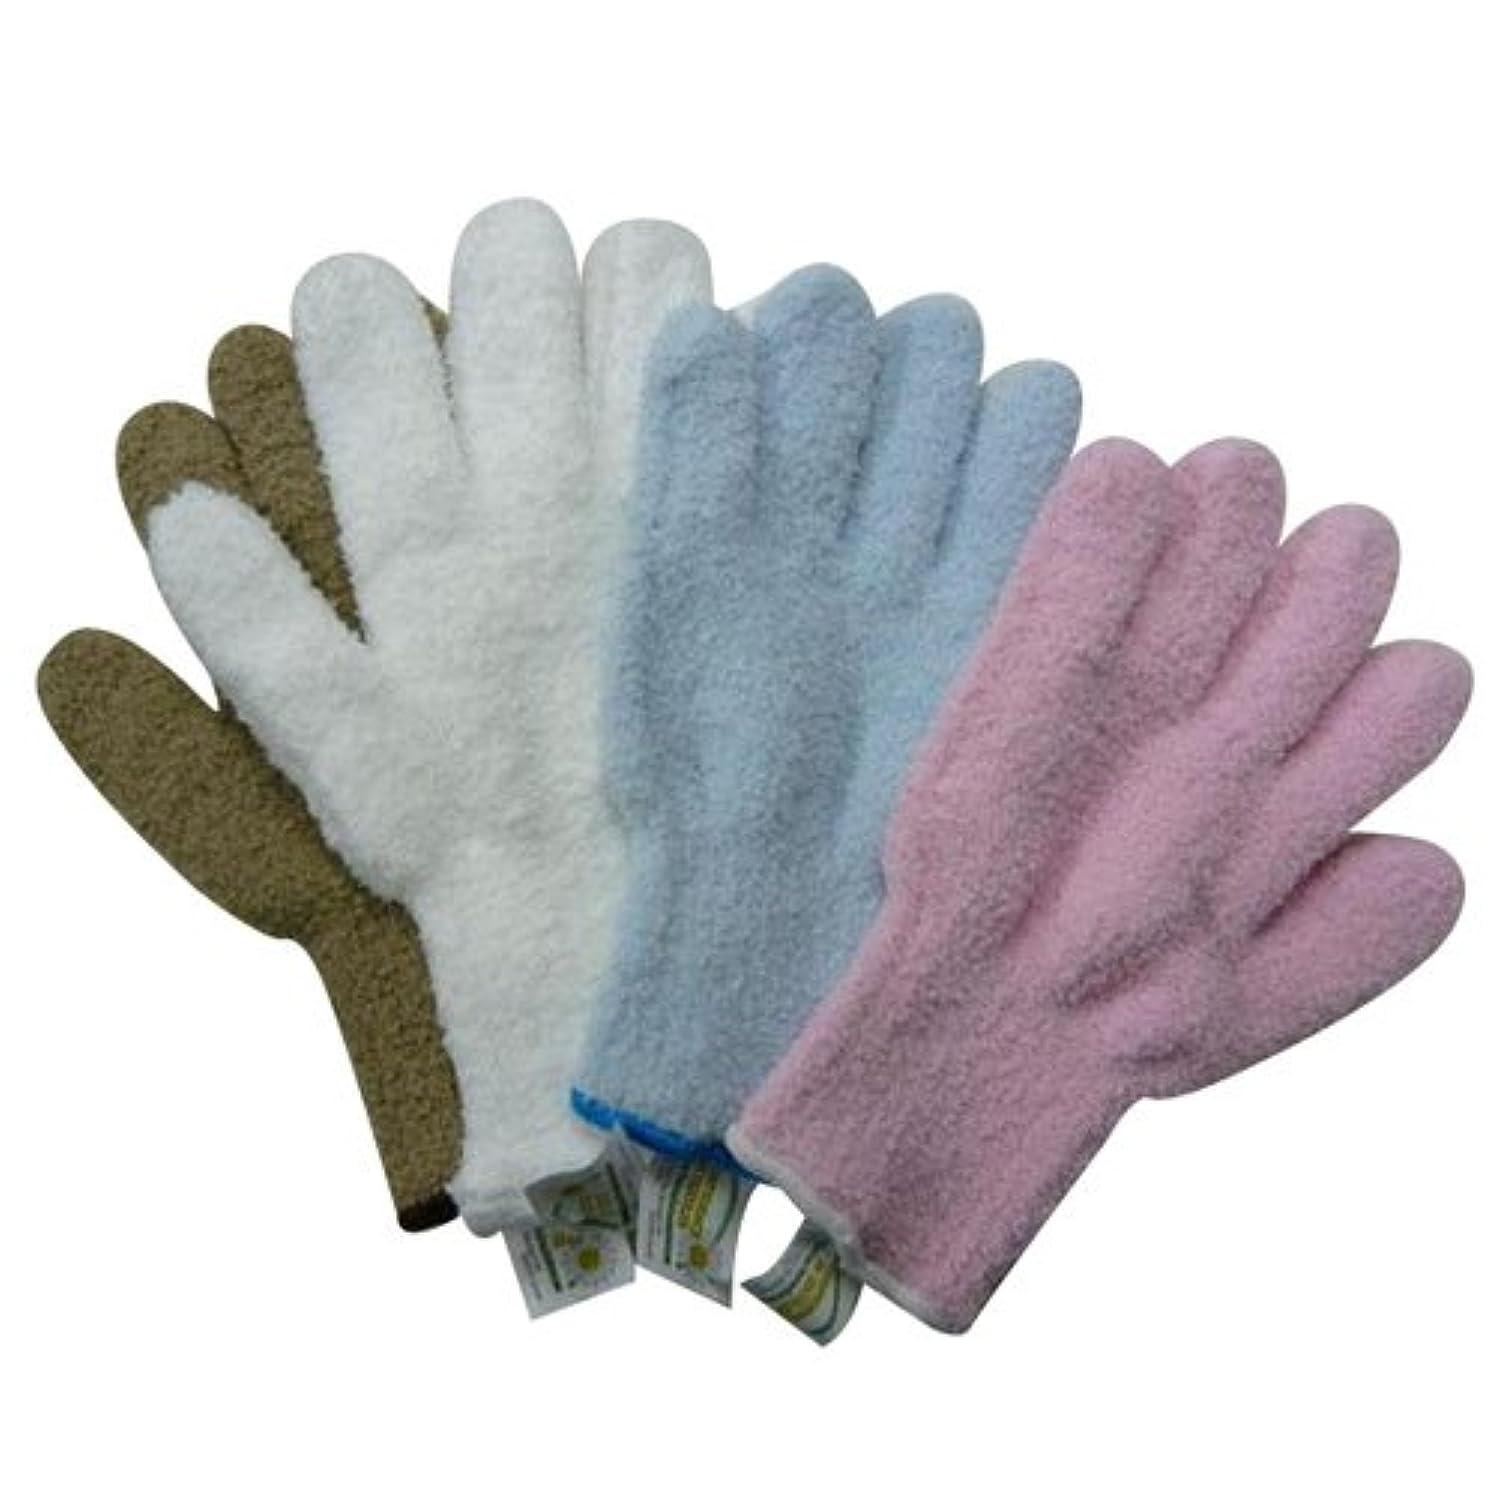 例外スキャンダルそのウルトラ?マイクロファイバー手袋 エコテックスタグ付き×4色セット(KE702-WH?SB?BE?PK) 5007an